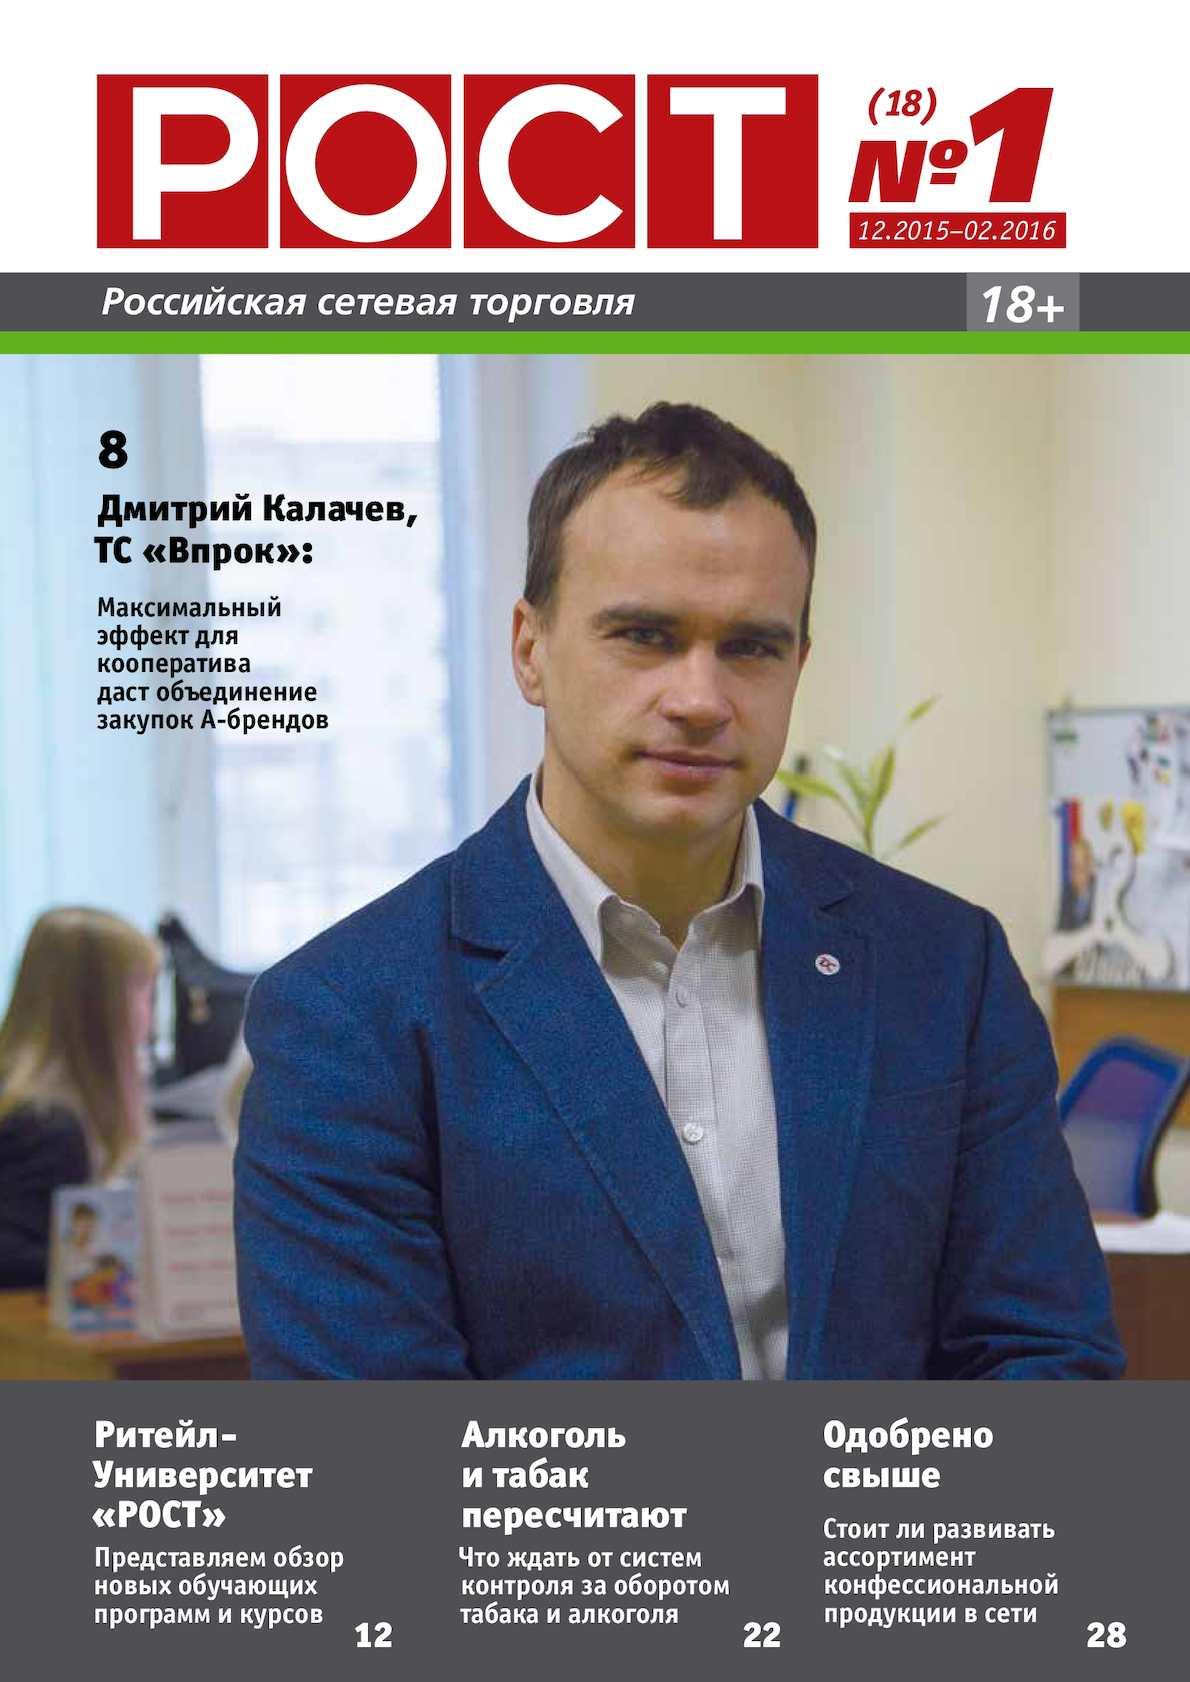 РОСТ. Российская сетевая торговля #18, Декабрь 2015 - Февраль 2016